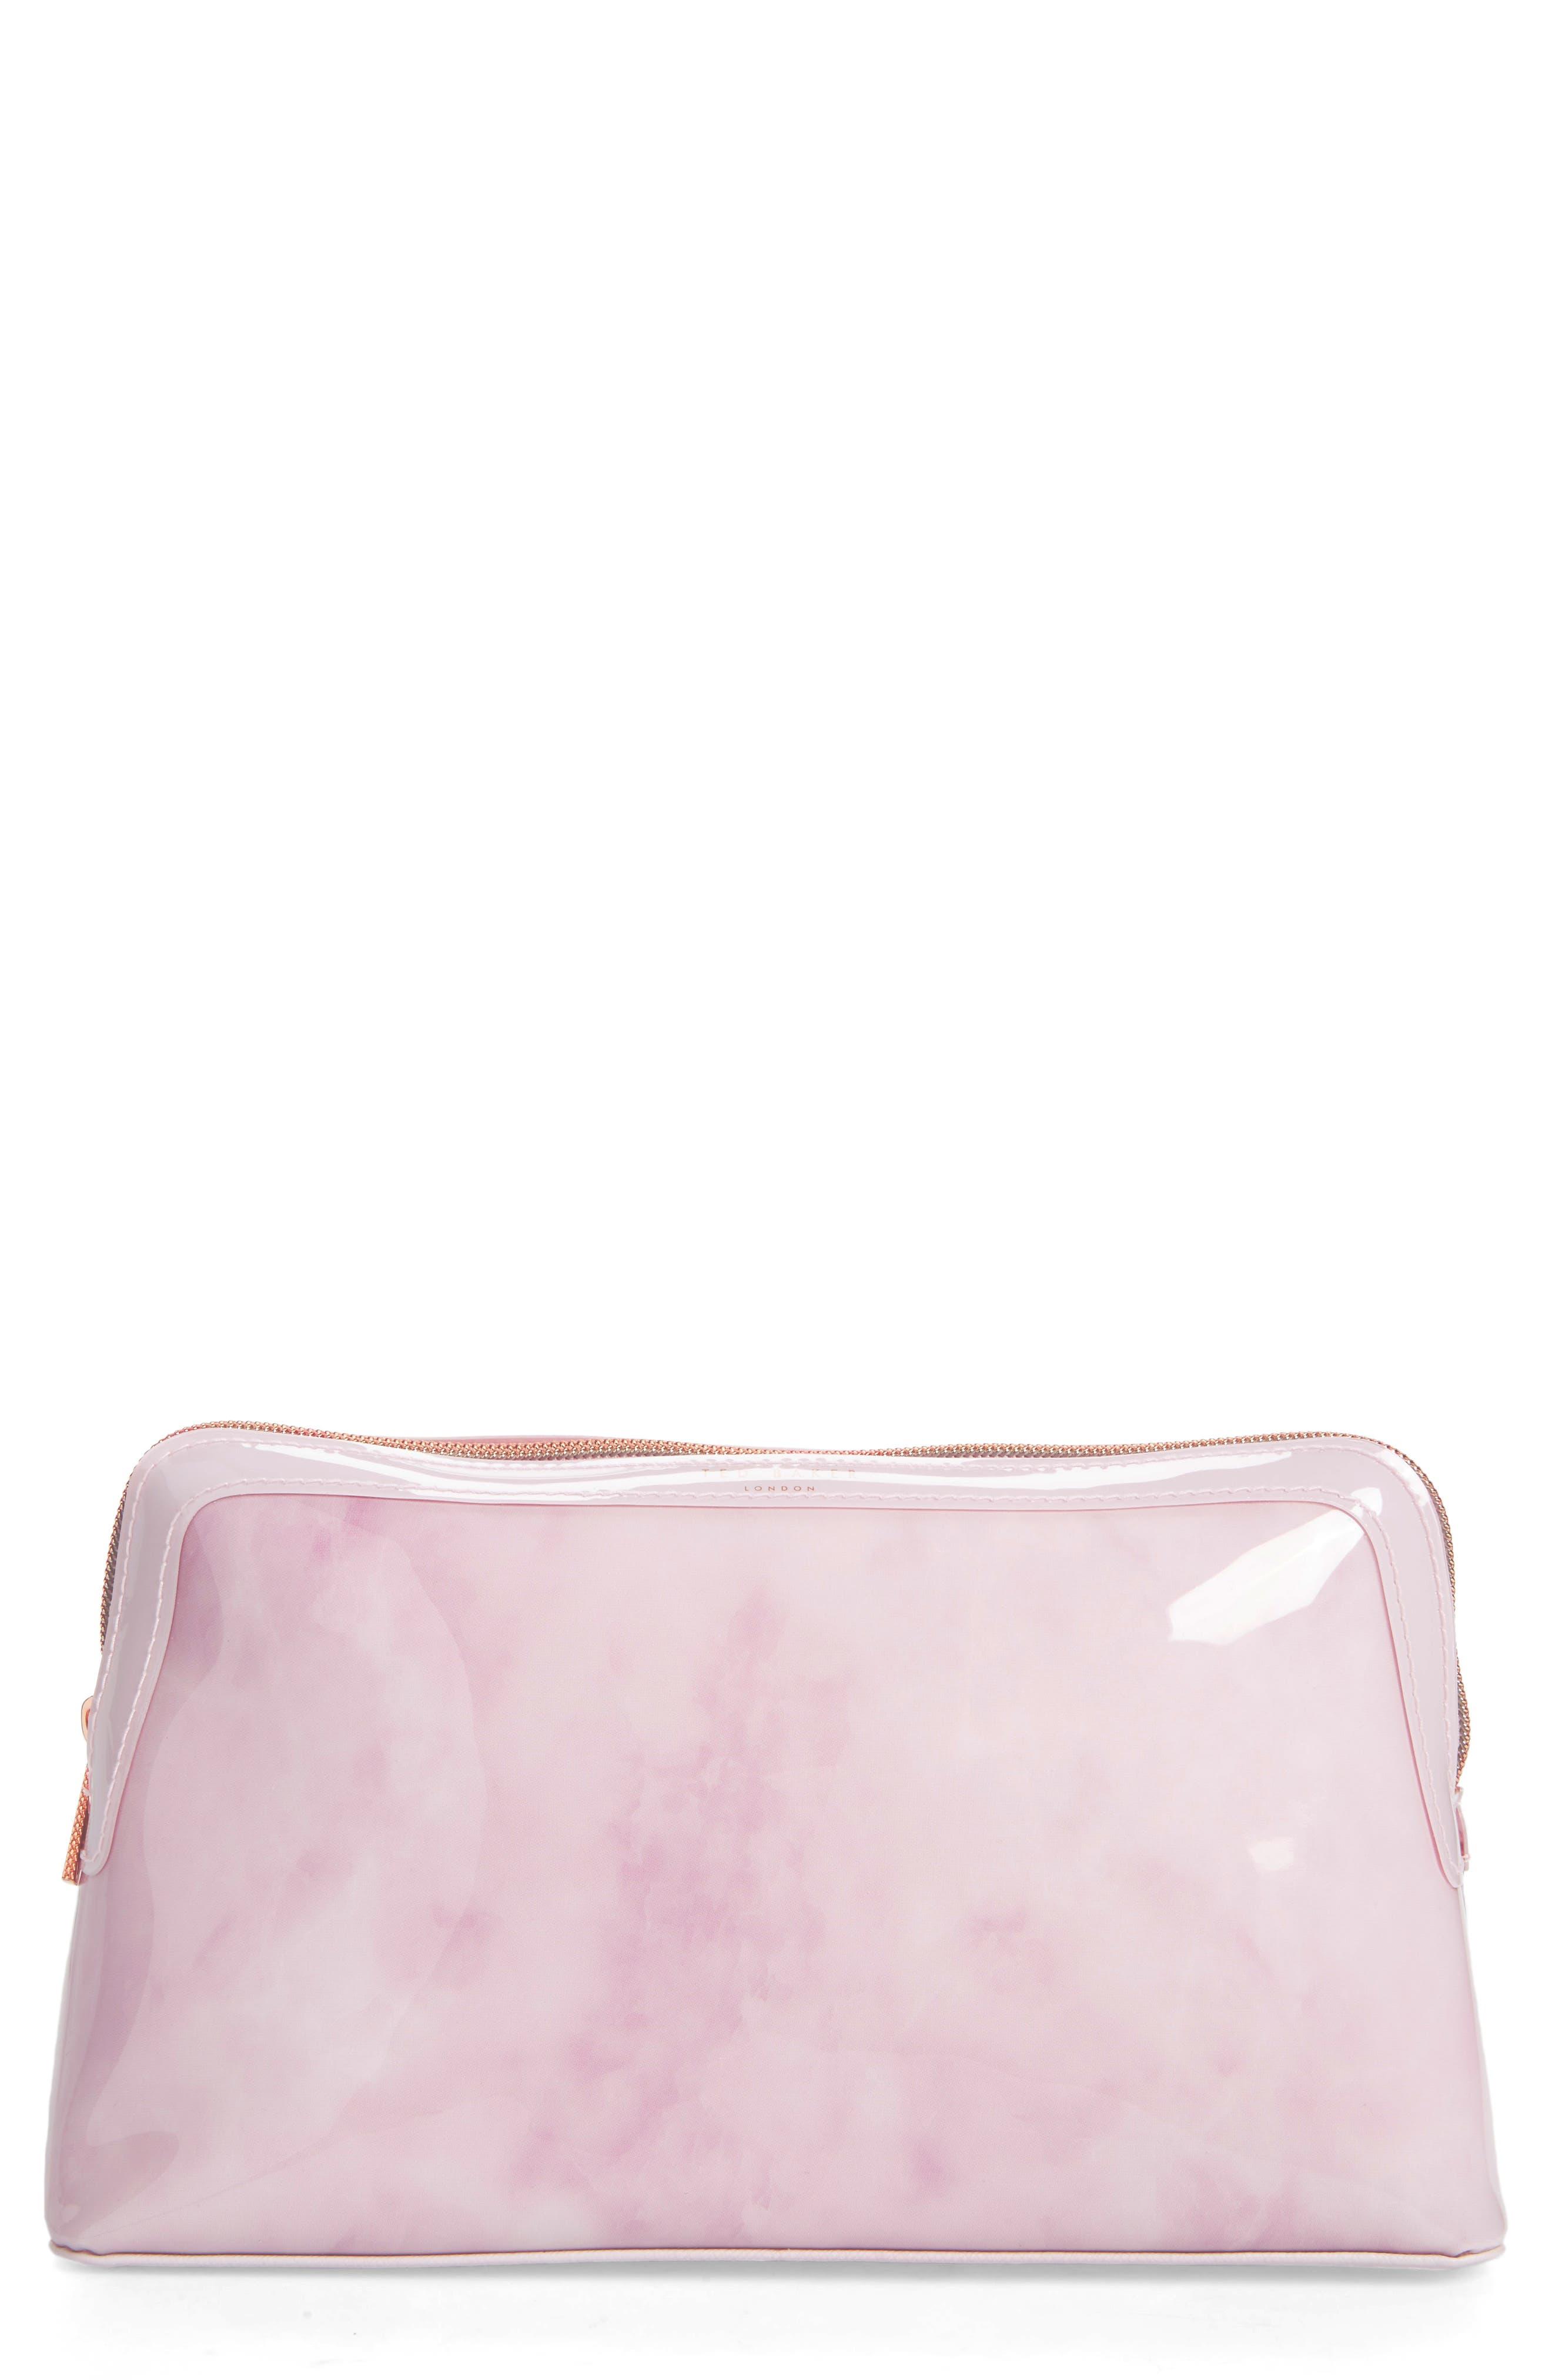 Tristyn Rose Quartz Wash Bag,                         Main,                         color, Nude Pink